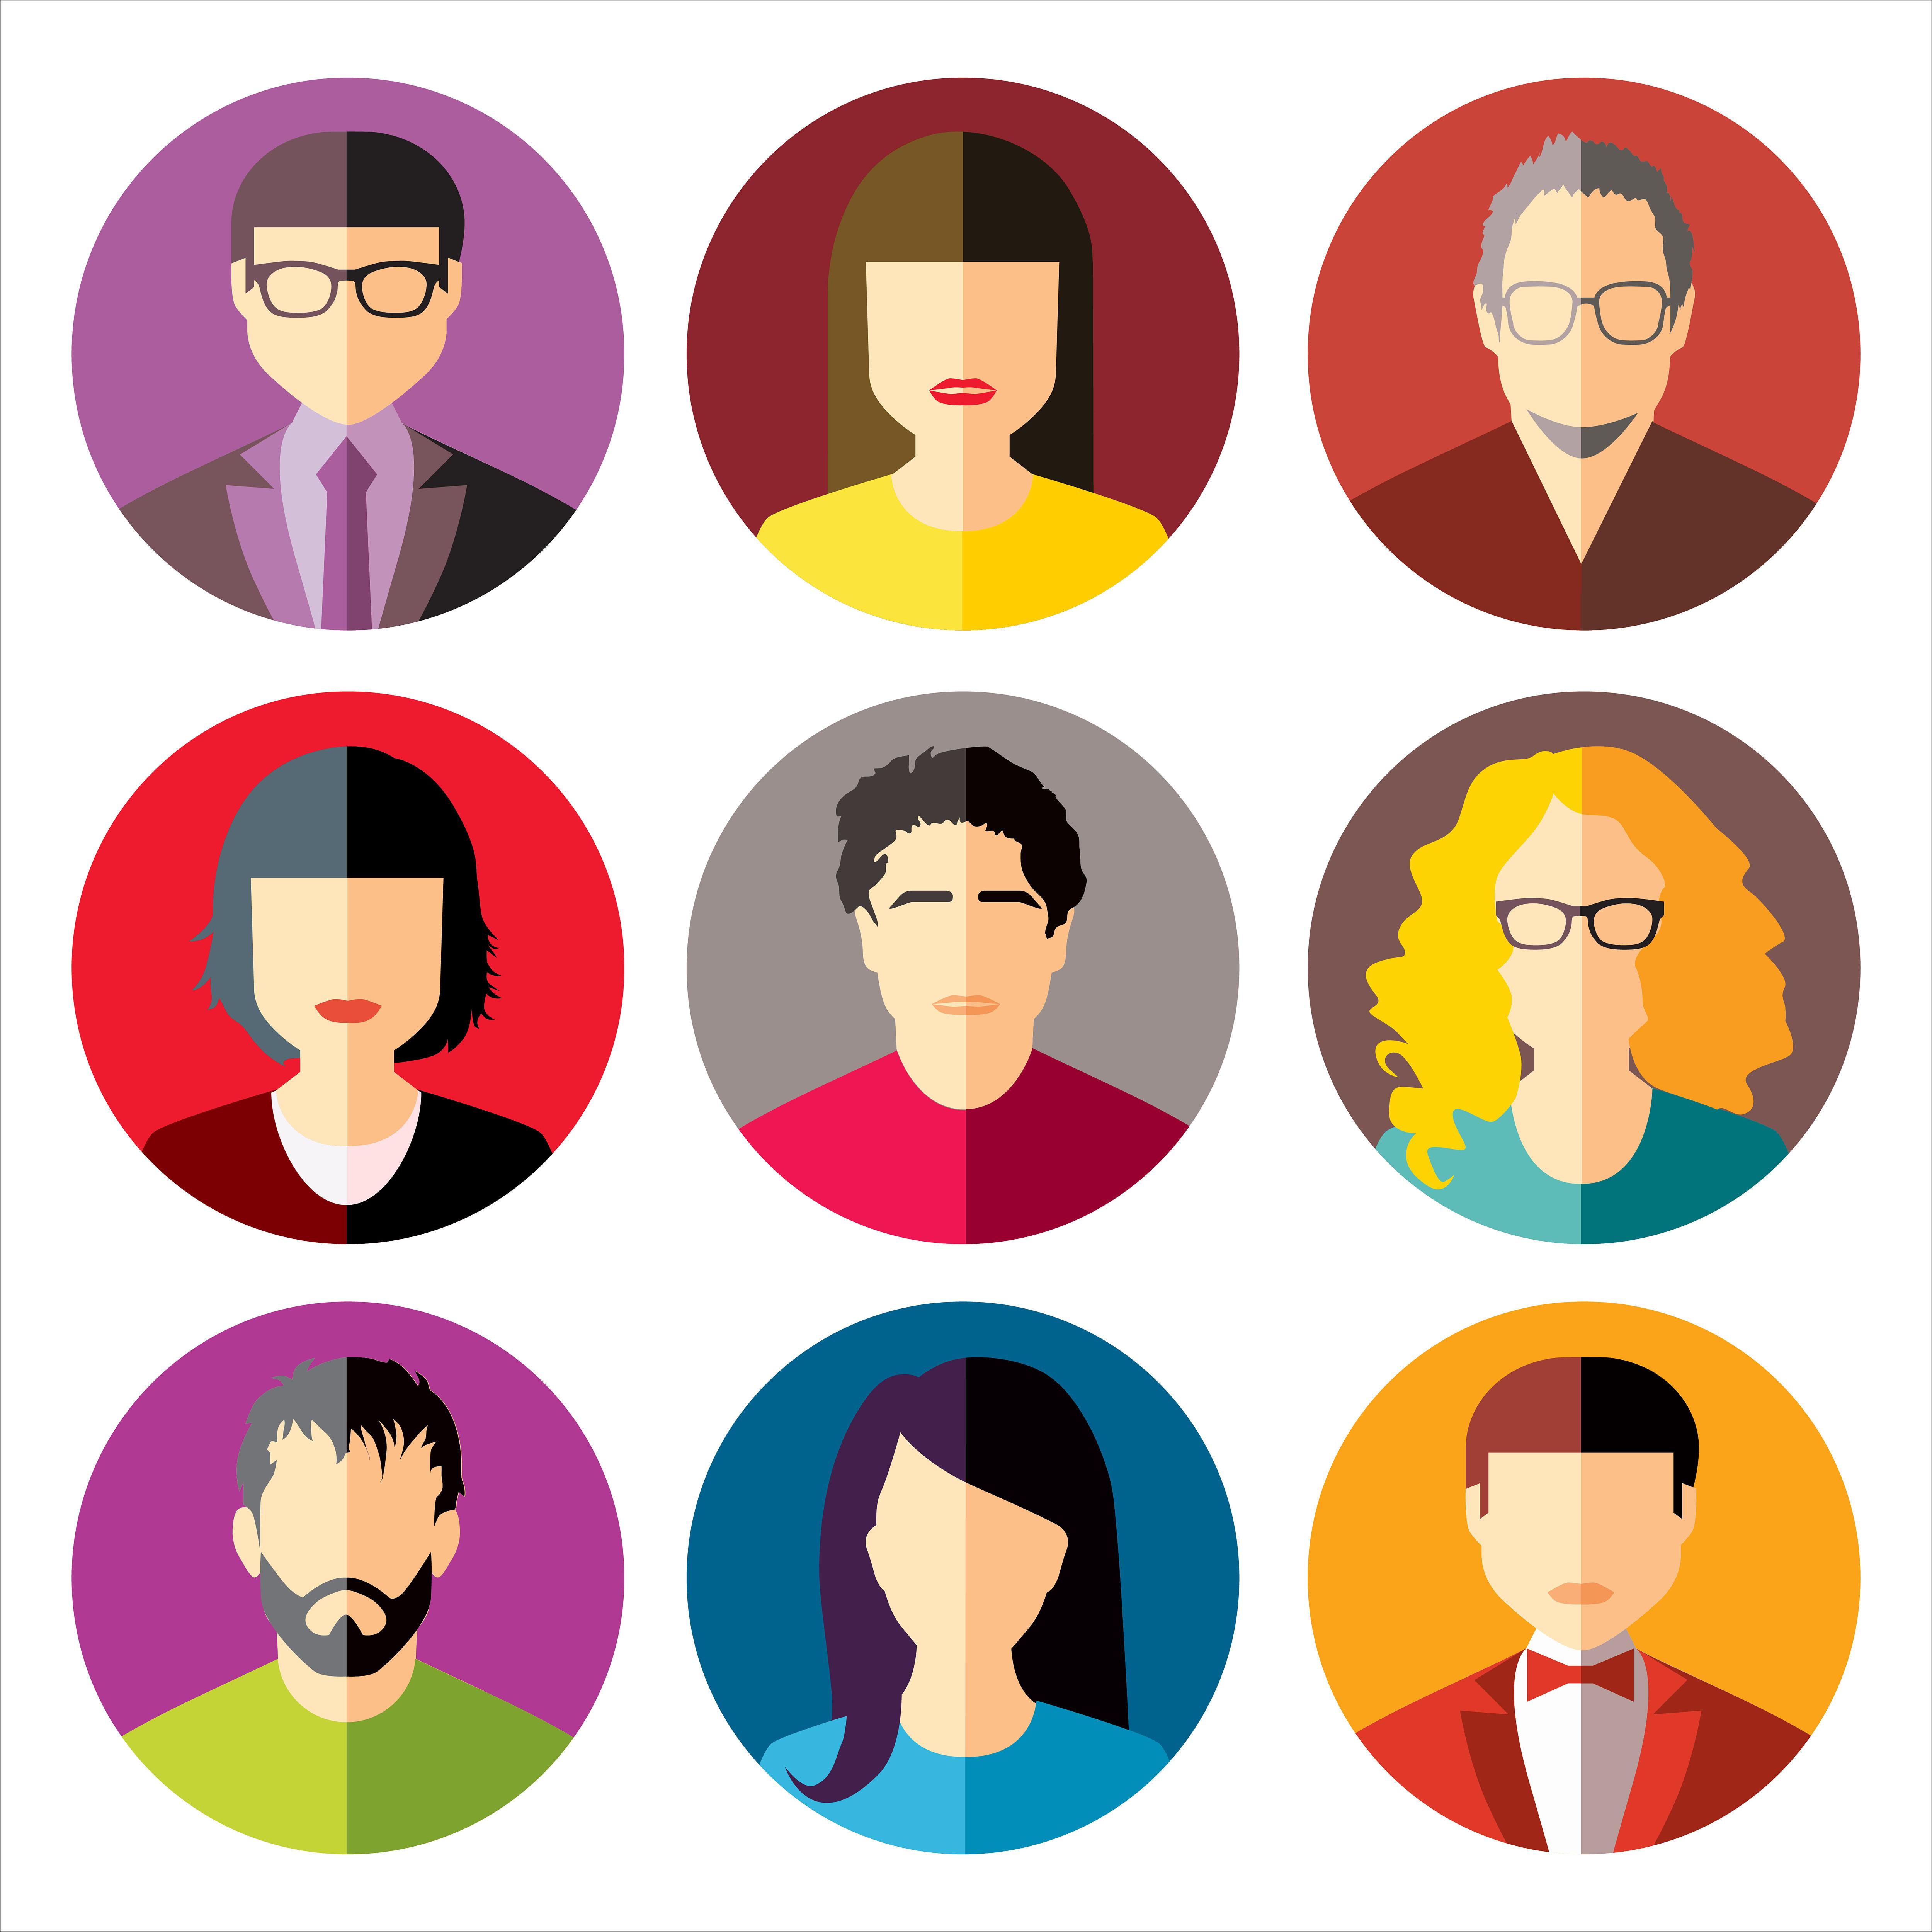 personas - Was ist eine Persona und wie erstellt mann eine?